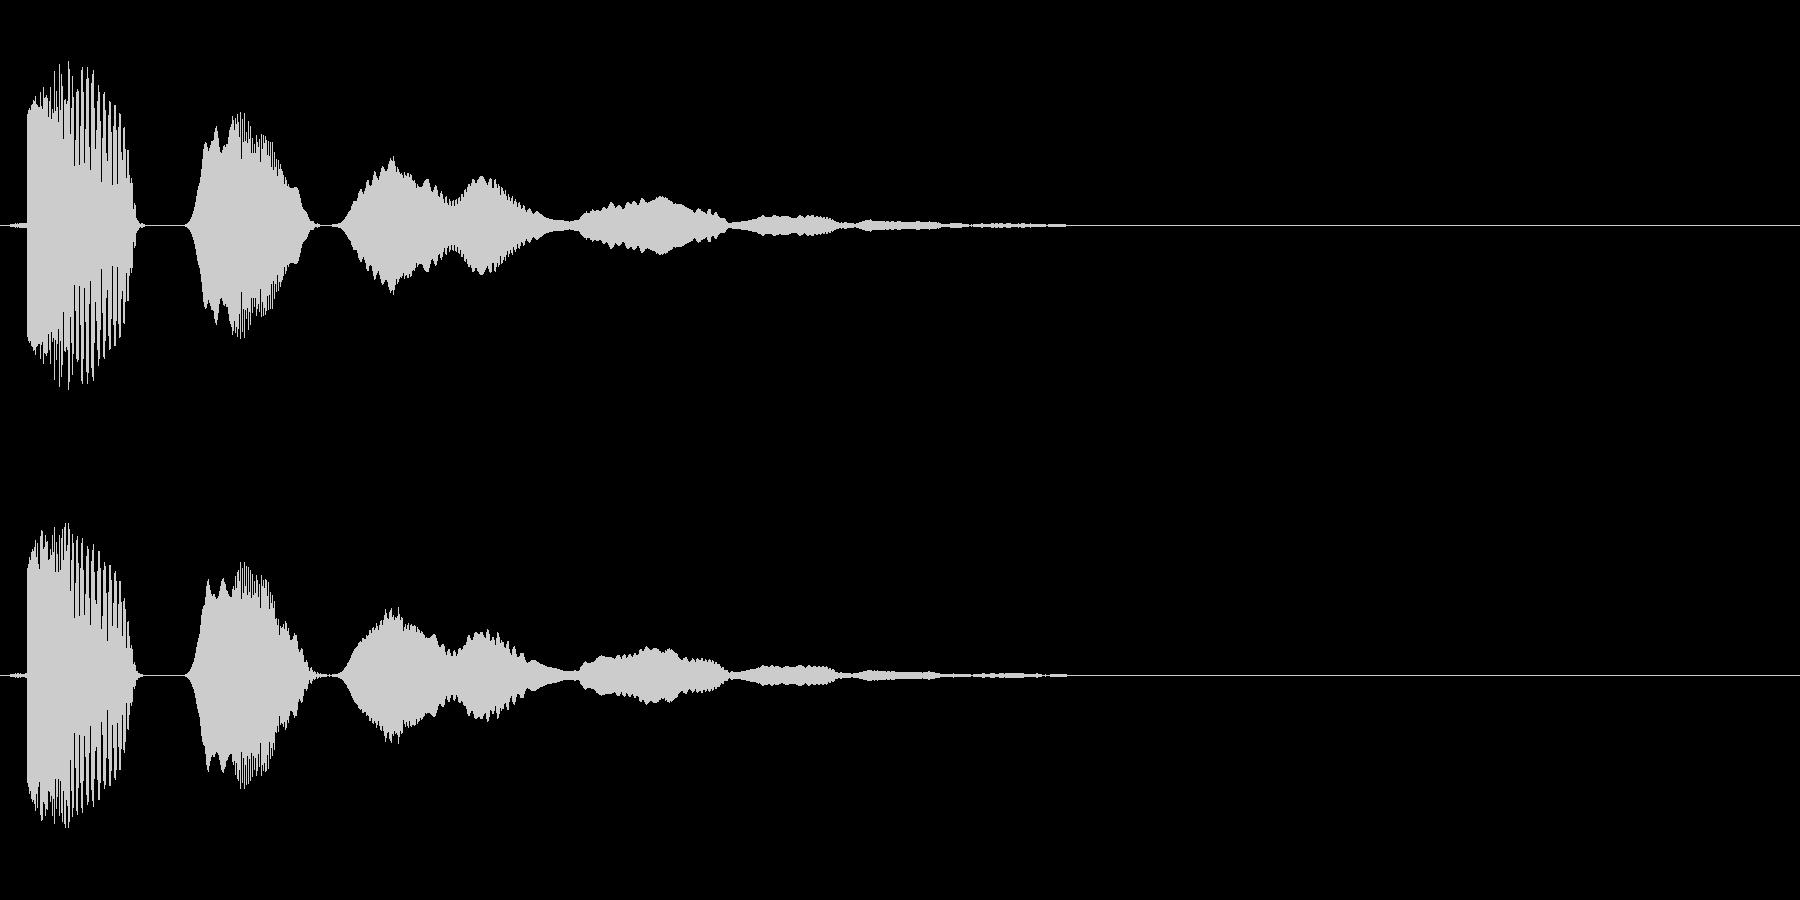 ボヨヨーン(弾力のある効果音)の未再生の波形